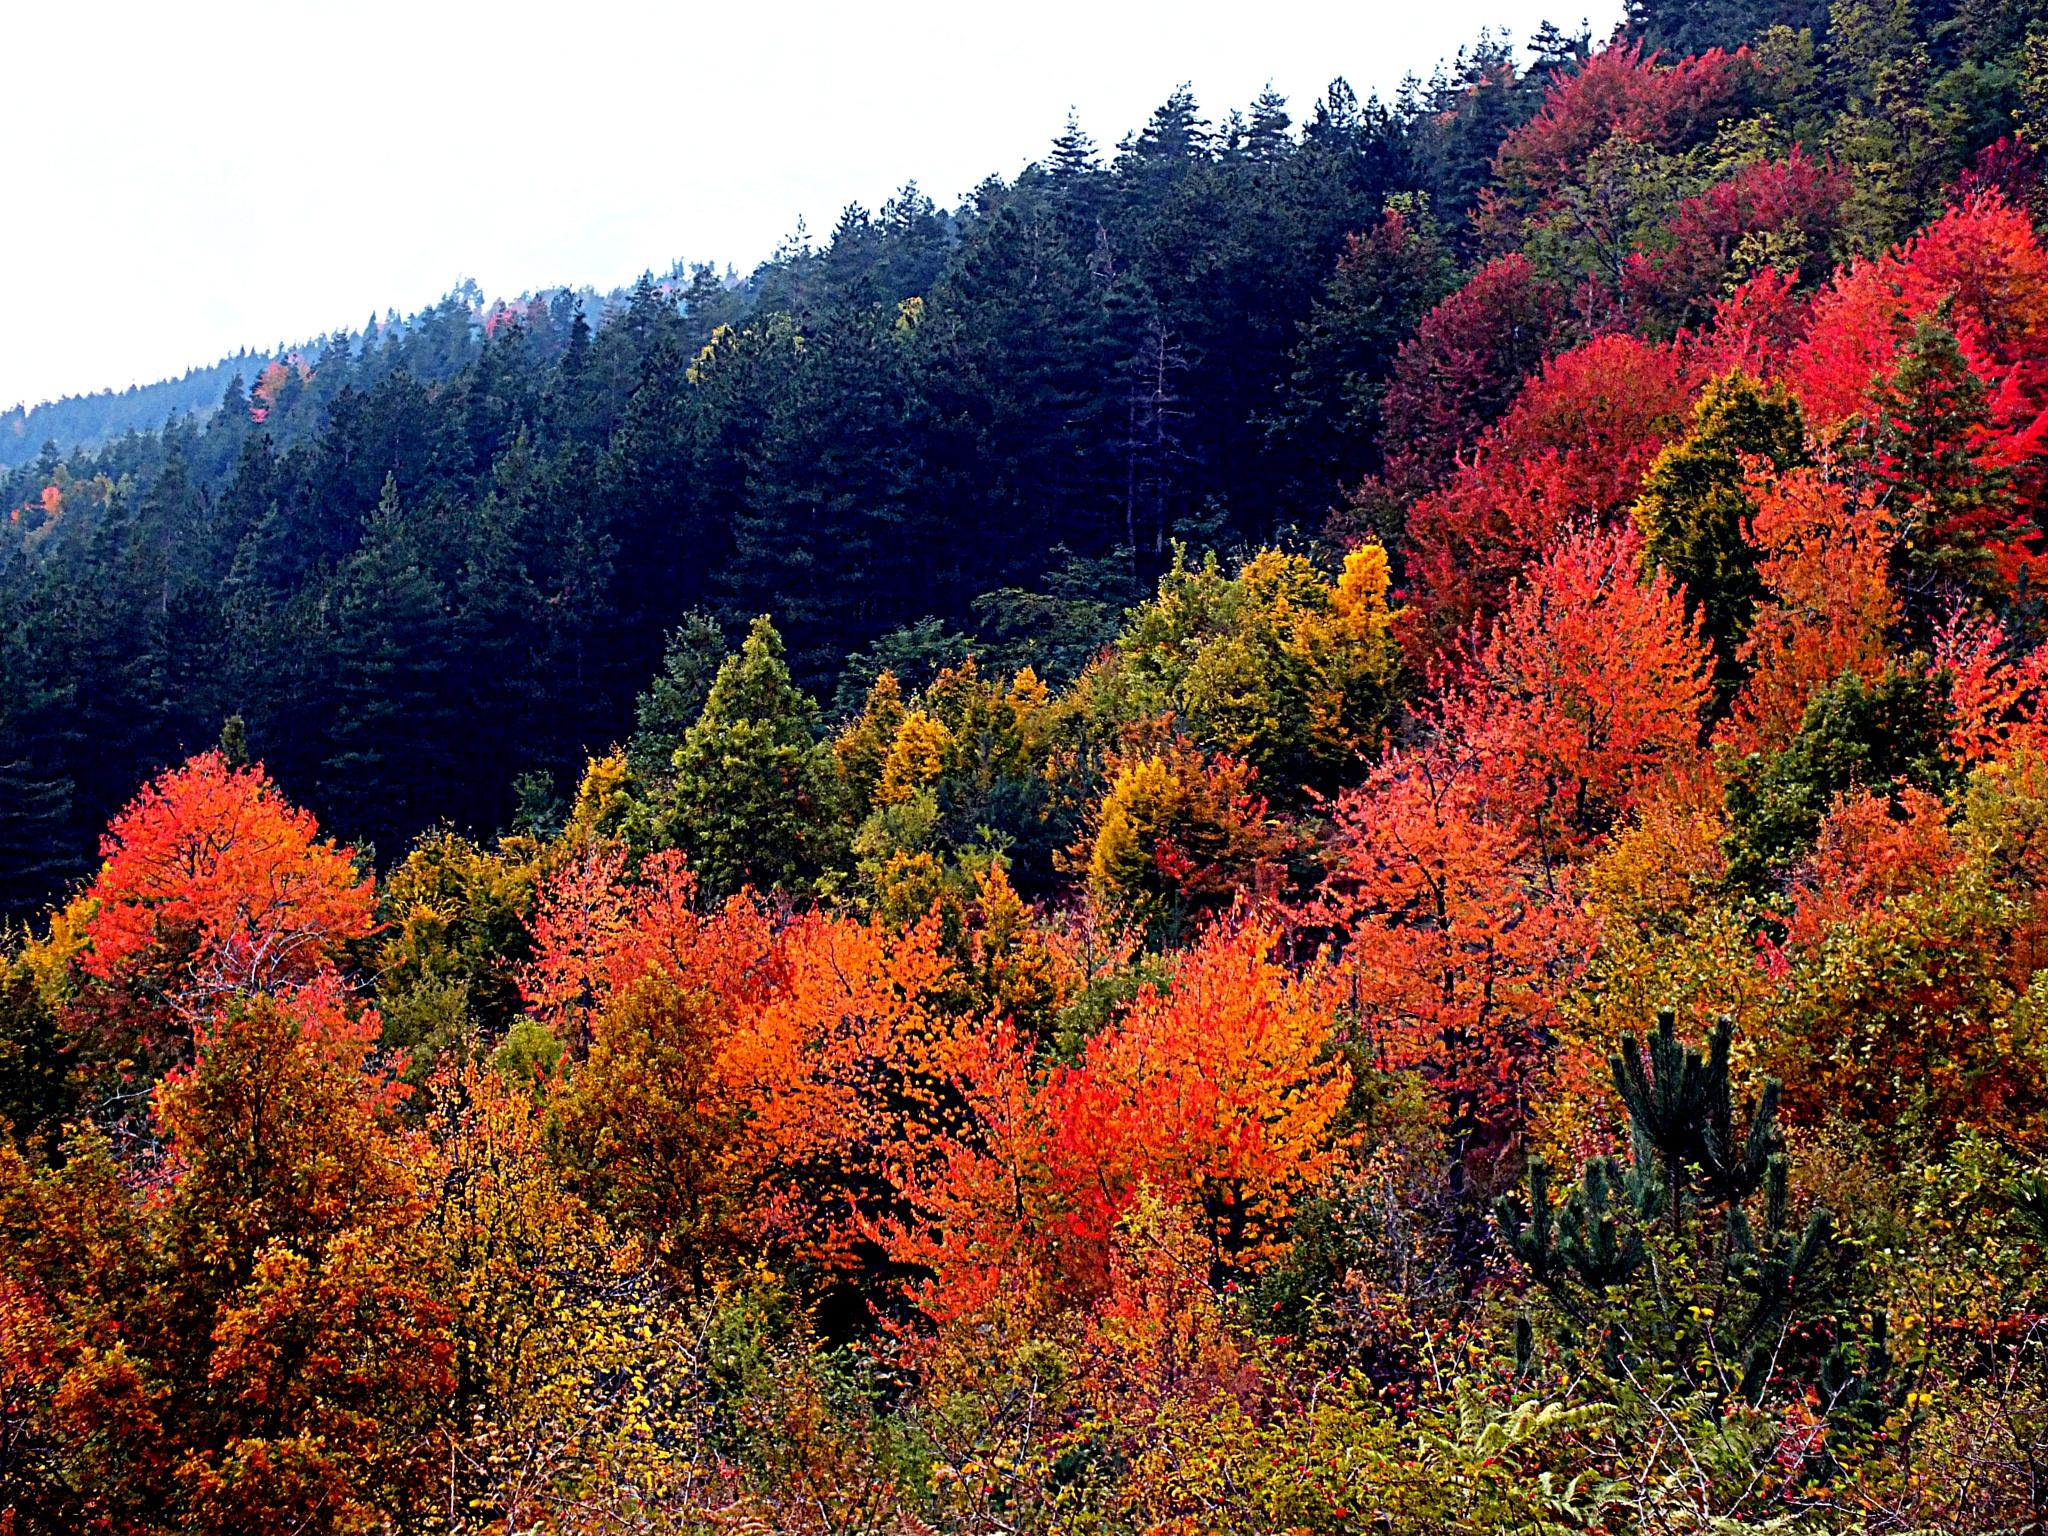 Mountain Autumn by Jill Bartlett